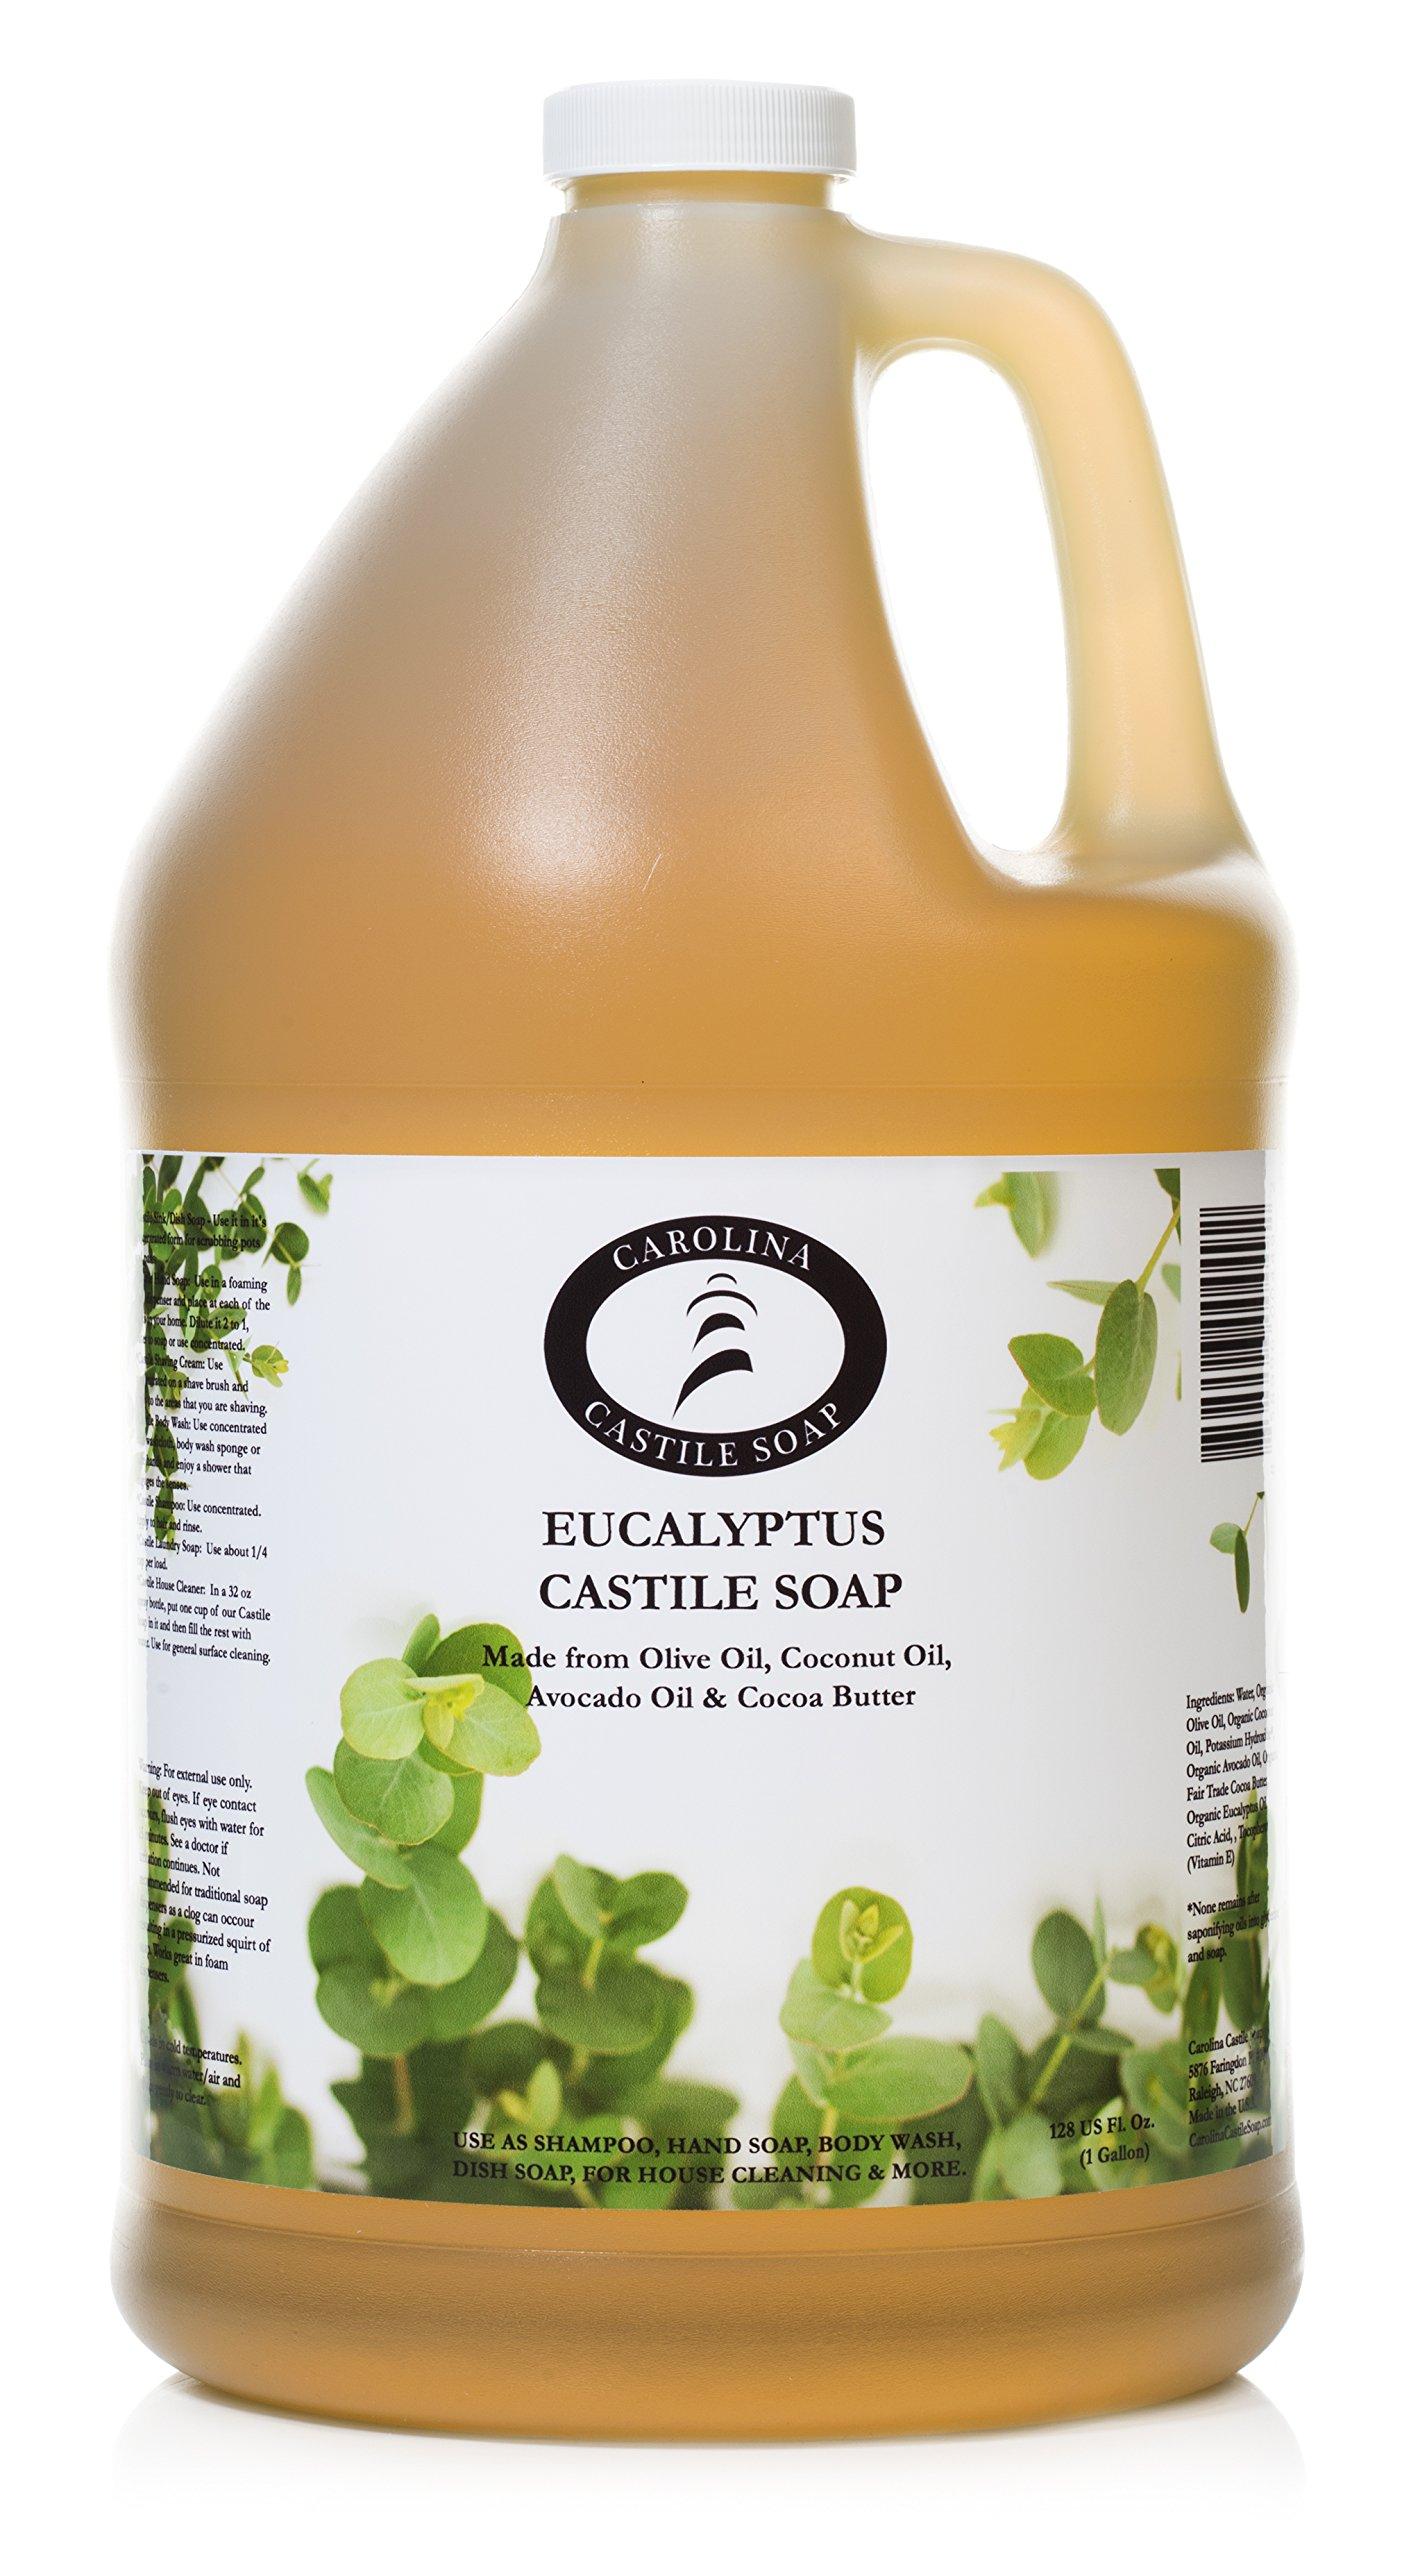 Carolina Castile Soap Eucalyptus | Certified Organic - 1 Gallon